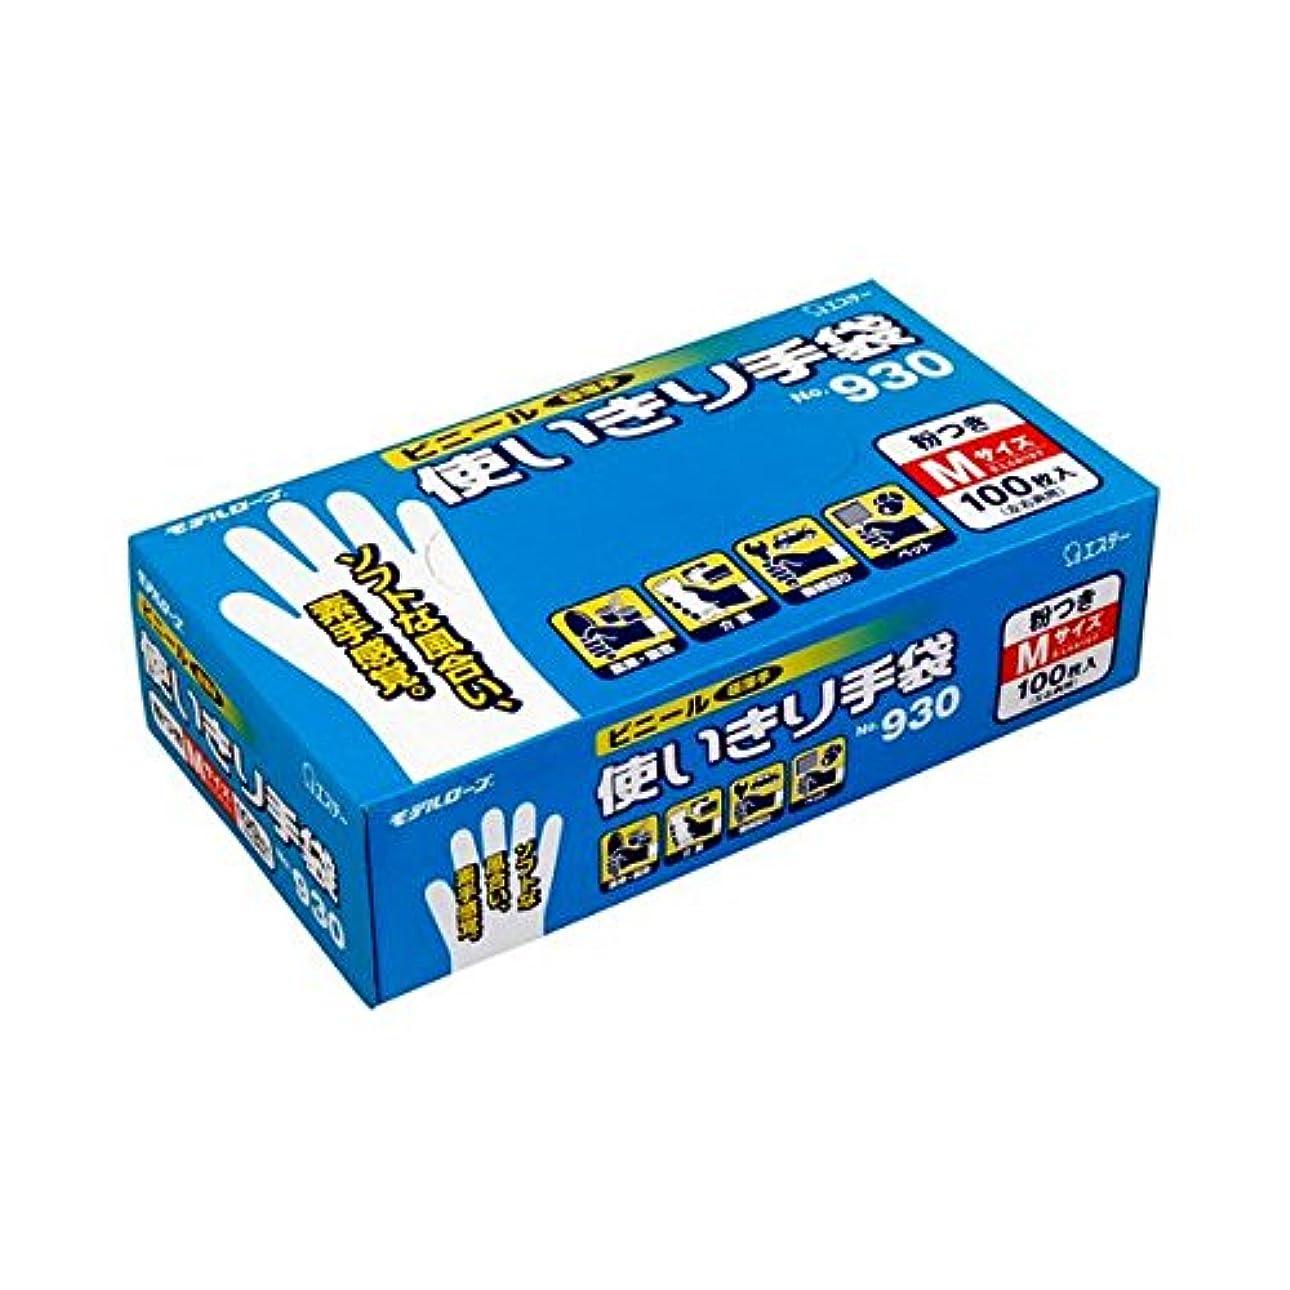 兵士領事館ベアリング(まとめ) エステー No.930 ビニール使いきり手袋(粉付) M 1箱(100枚) 【×5セット】 ds-1580597